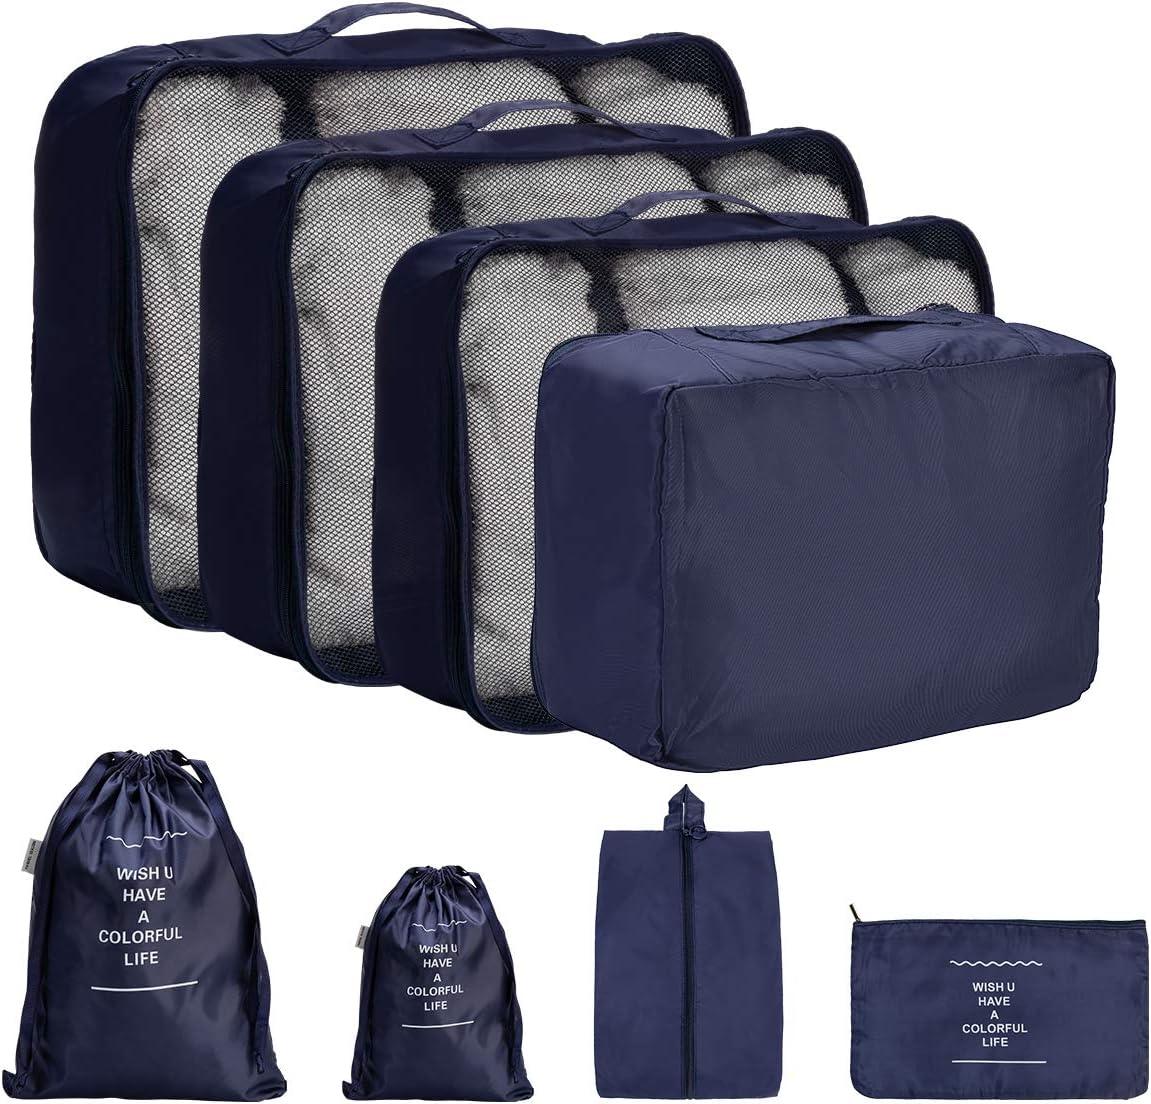 DoGeek Organizador de Equipaje 8 en 1 Set Viaje con Bolsa de Zapato, Impermeable Organizador de Maleta Bolsa para Ropa Sucia de Viaje, Material Nylon (Azul Oscuro)